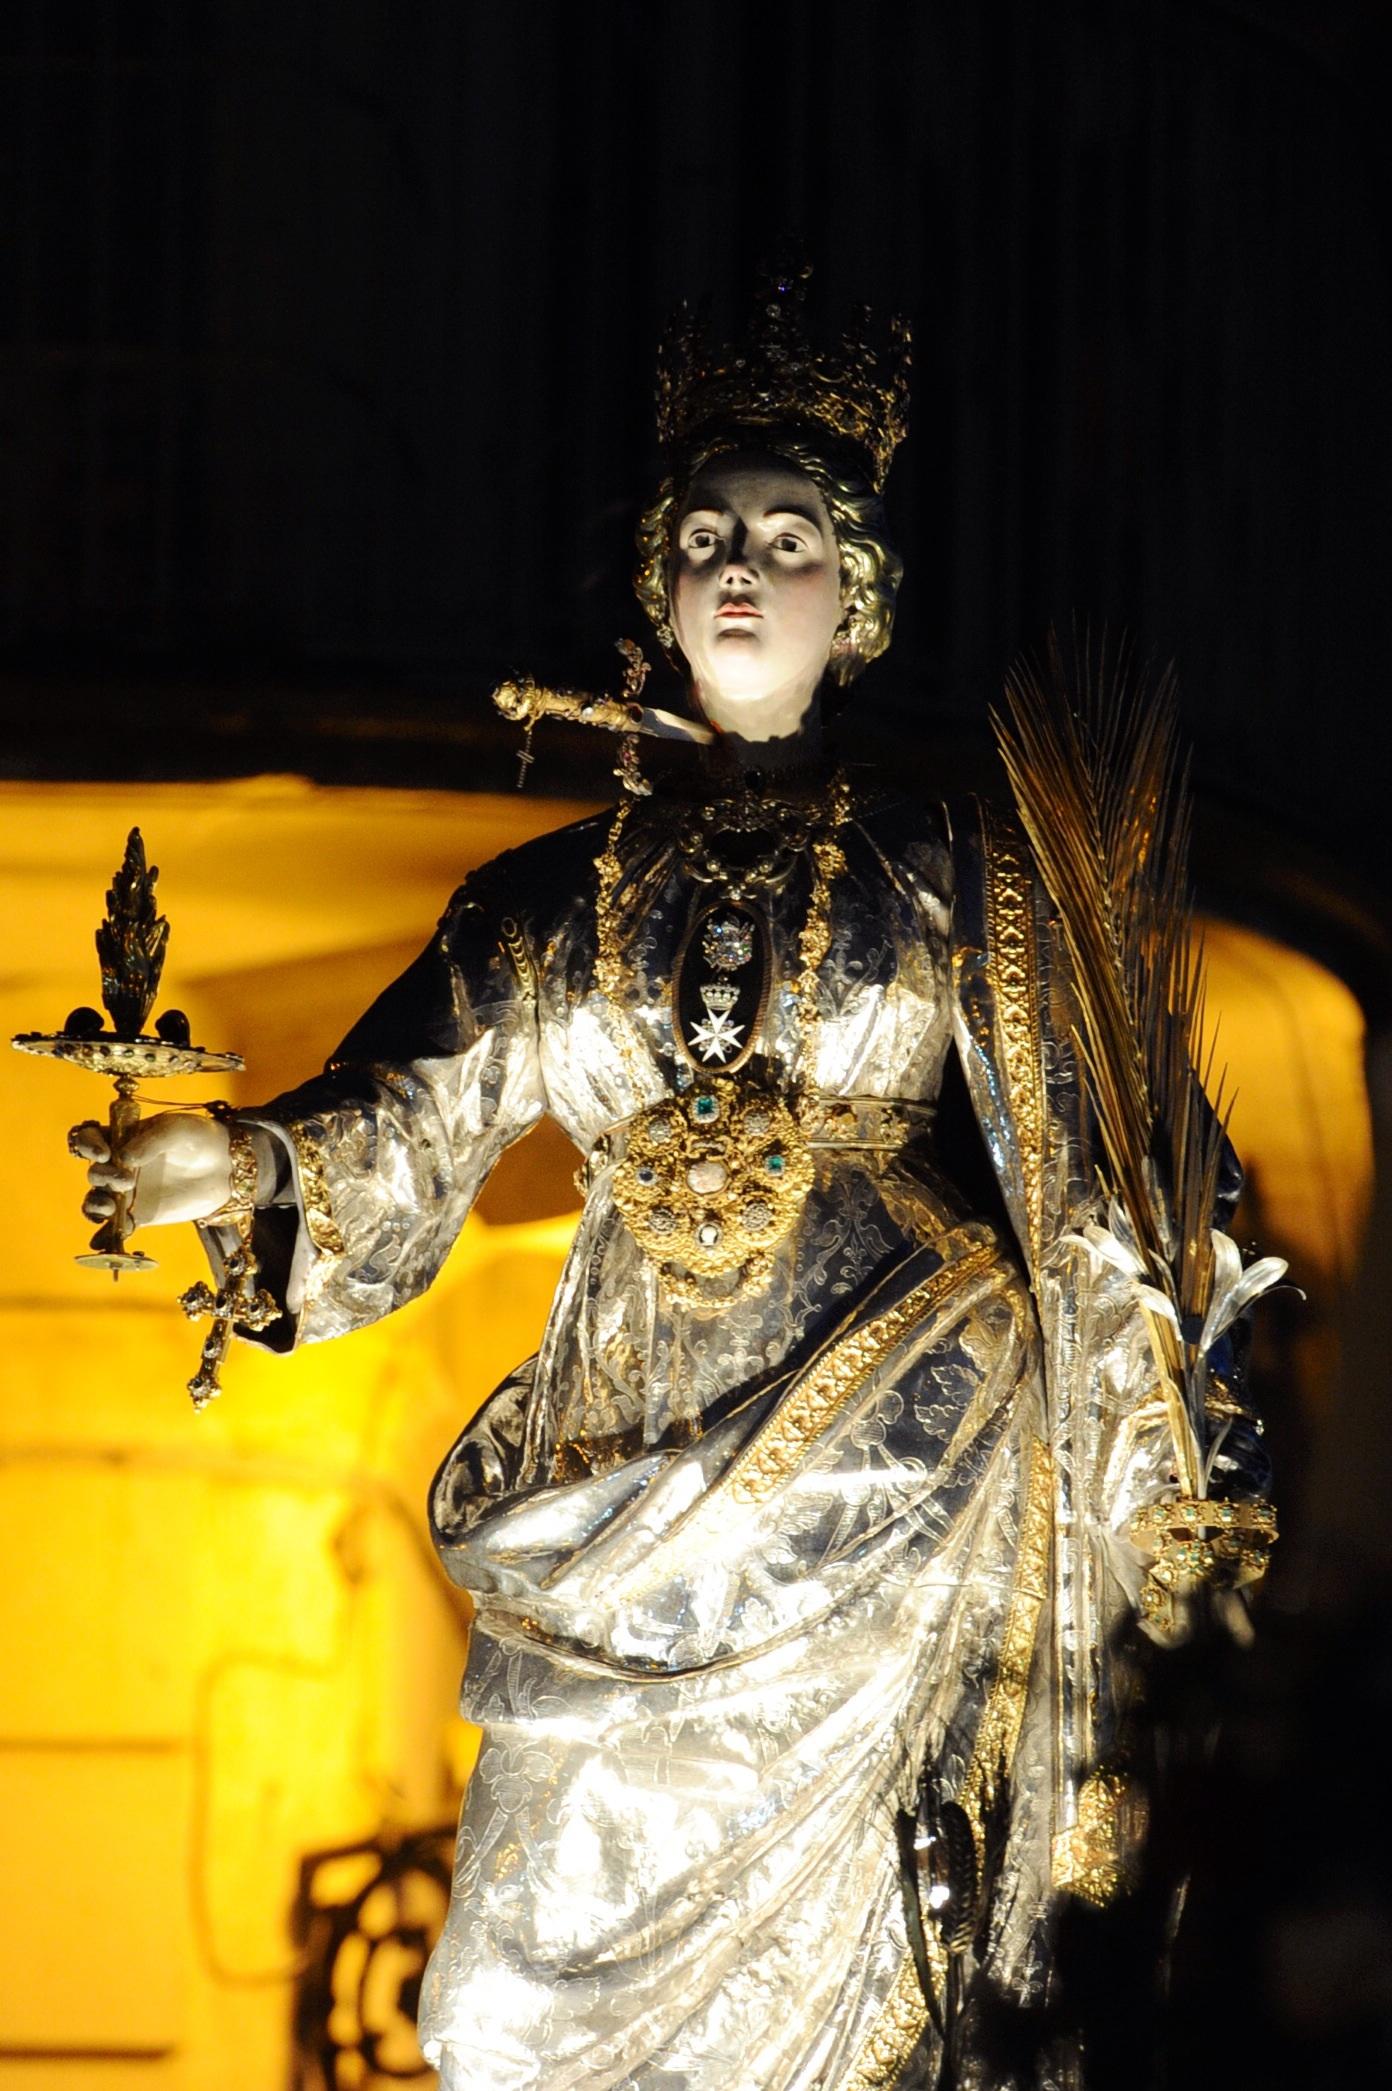 Santa Lucia tradizioni